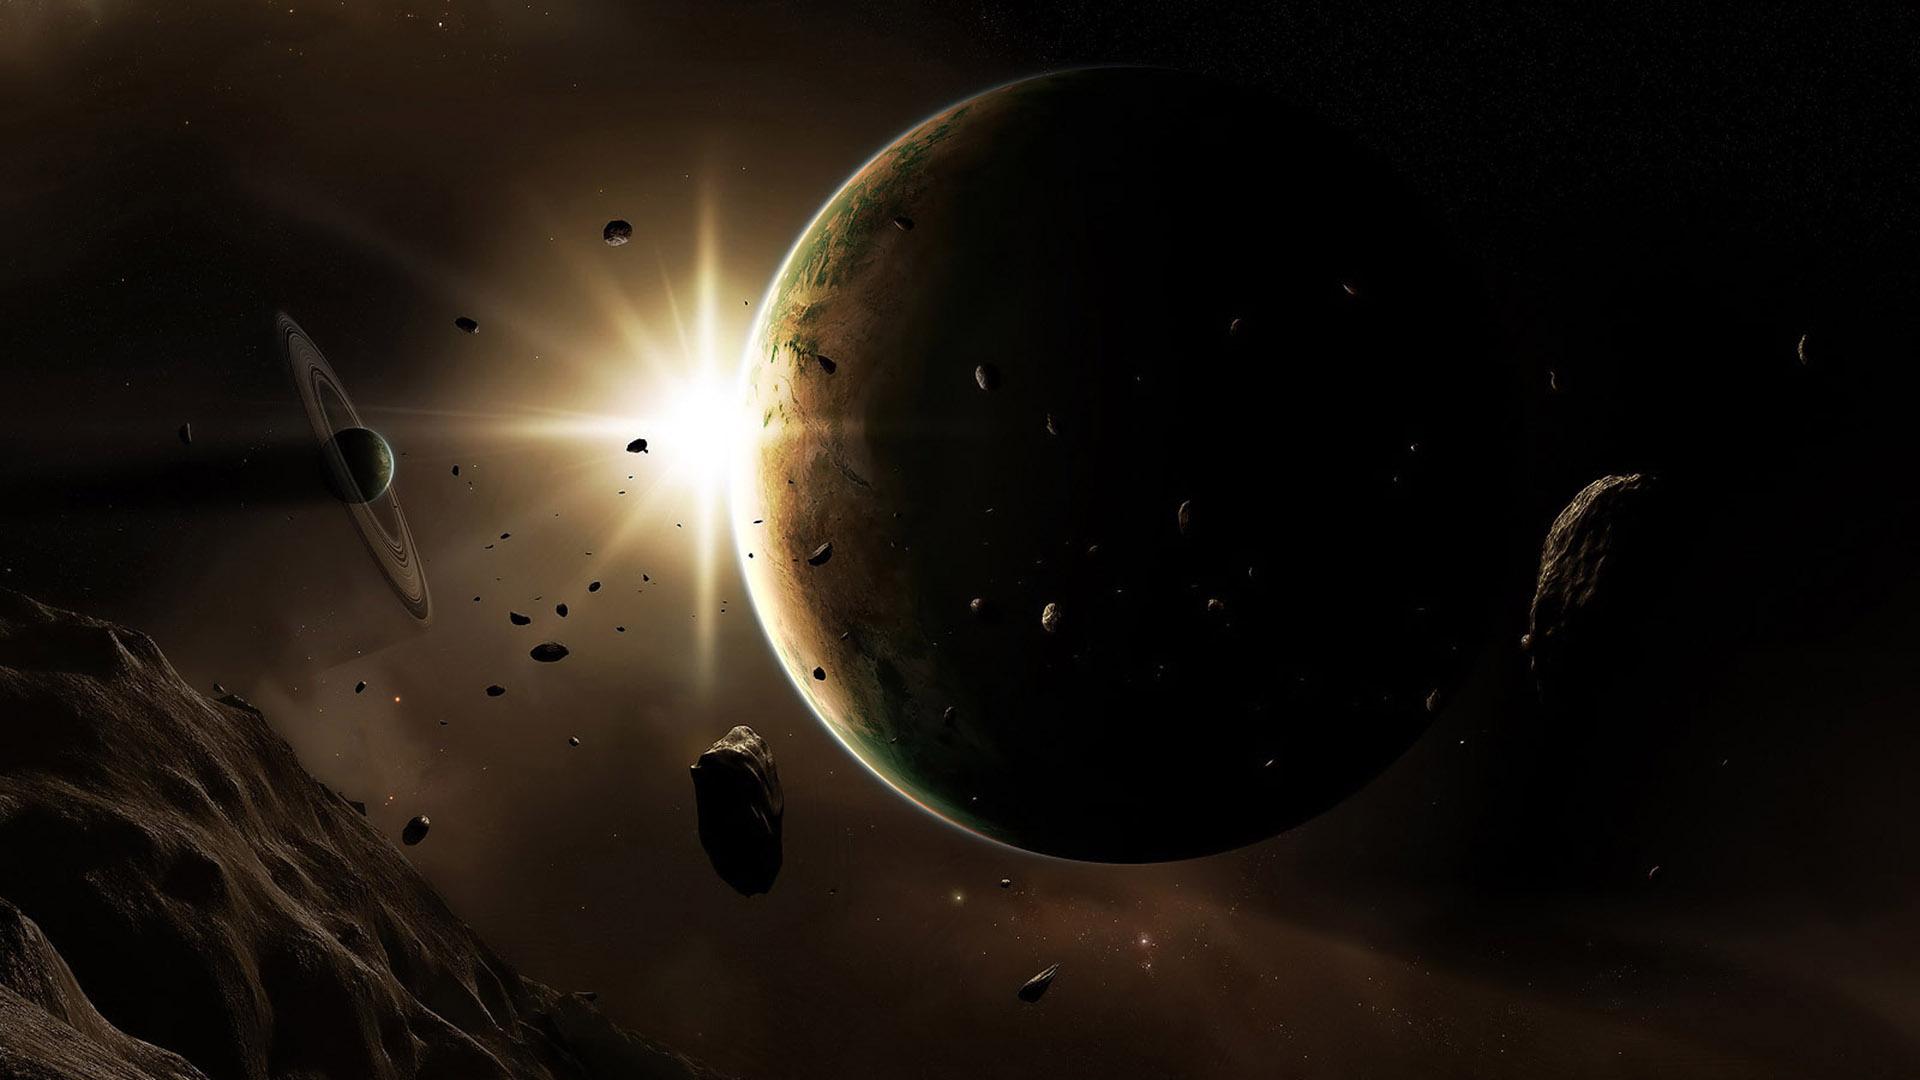 fond ecran : eclaire les planètes id :  rubrique de l'image